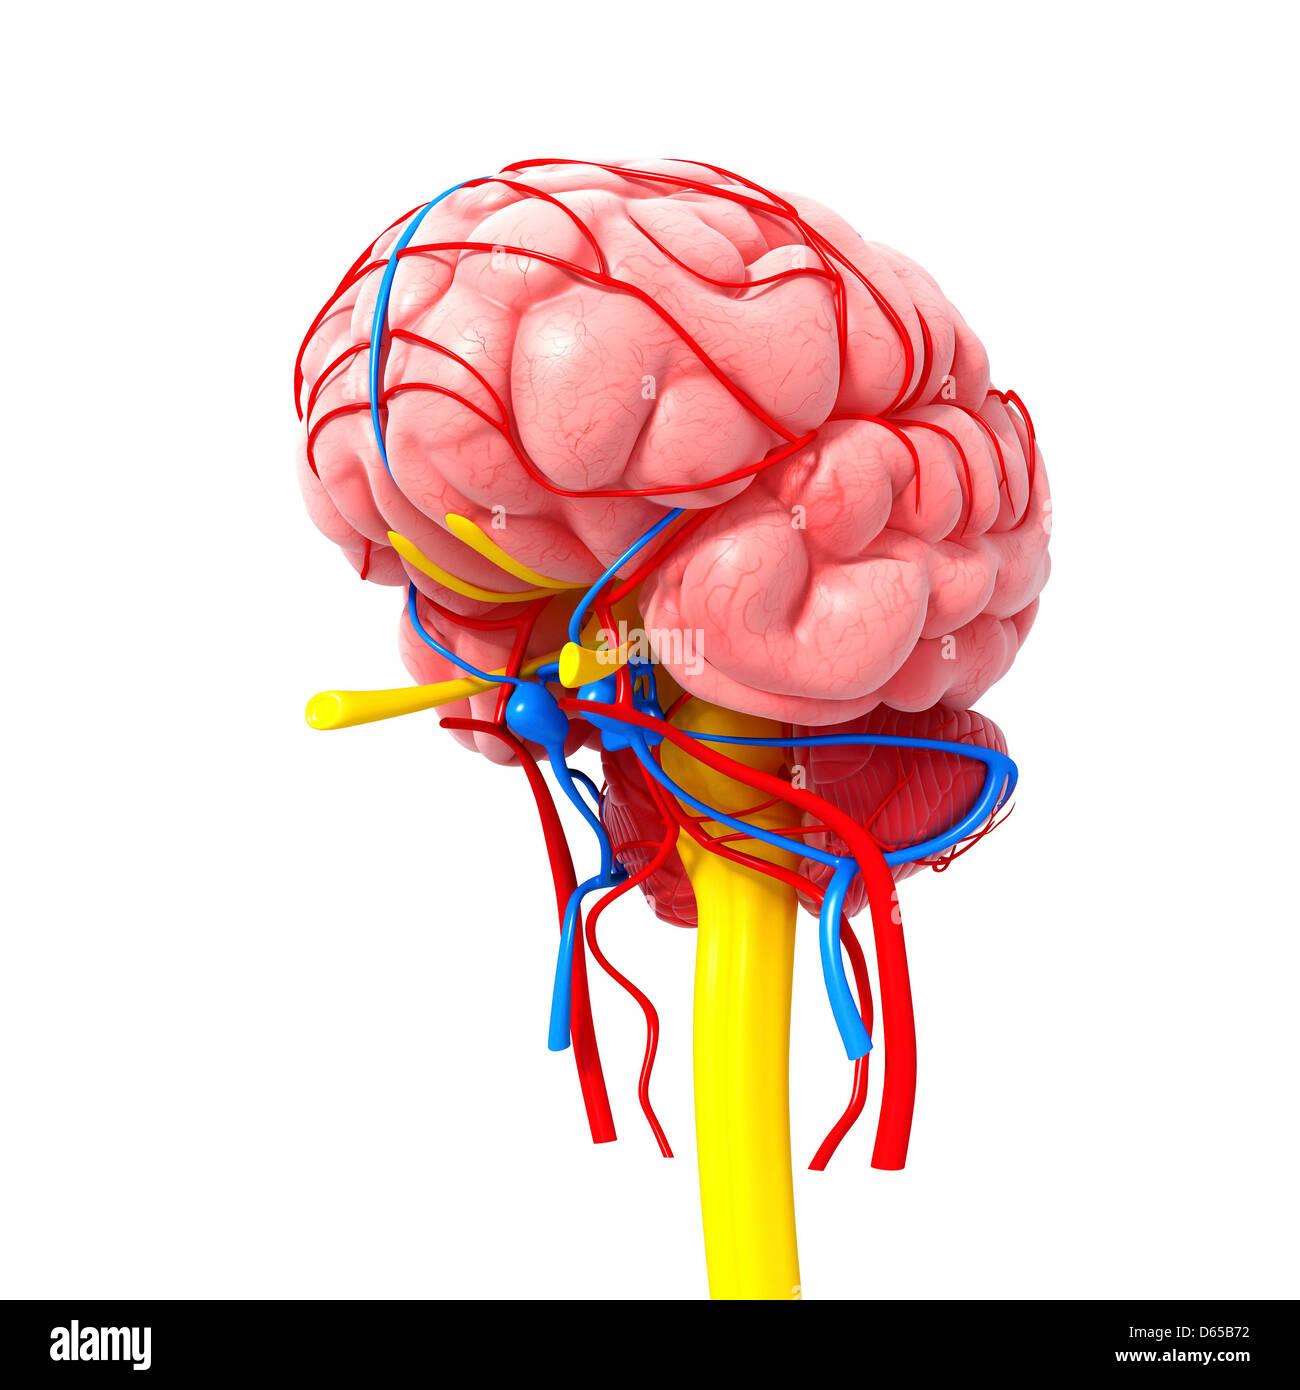 Brain Circulation Stock Photos & Brain Circulation Stock Images - Alamy